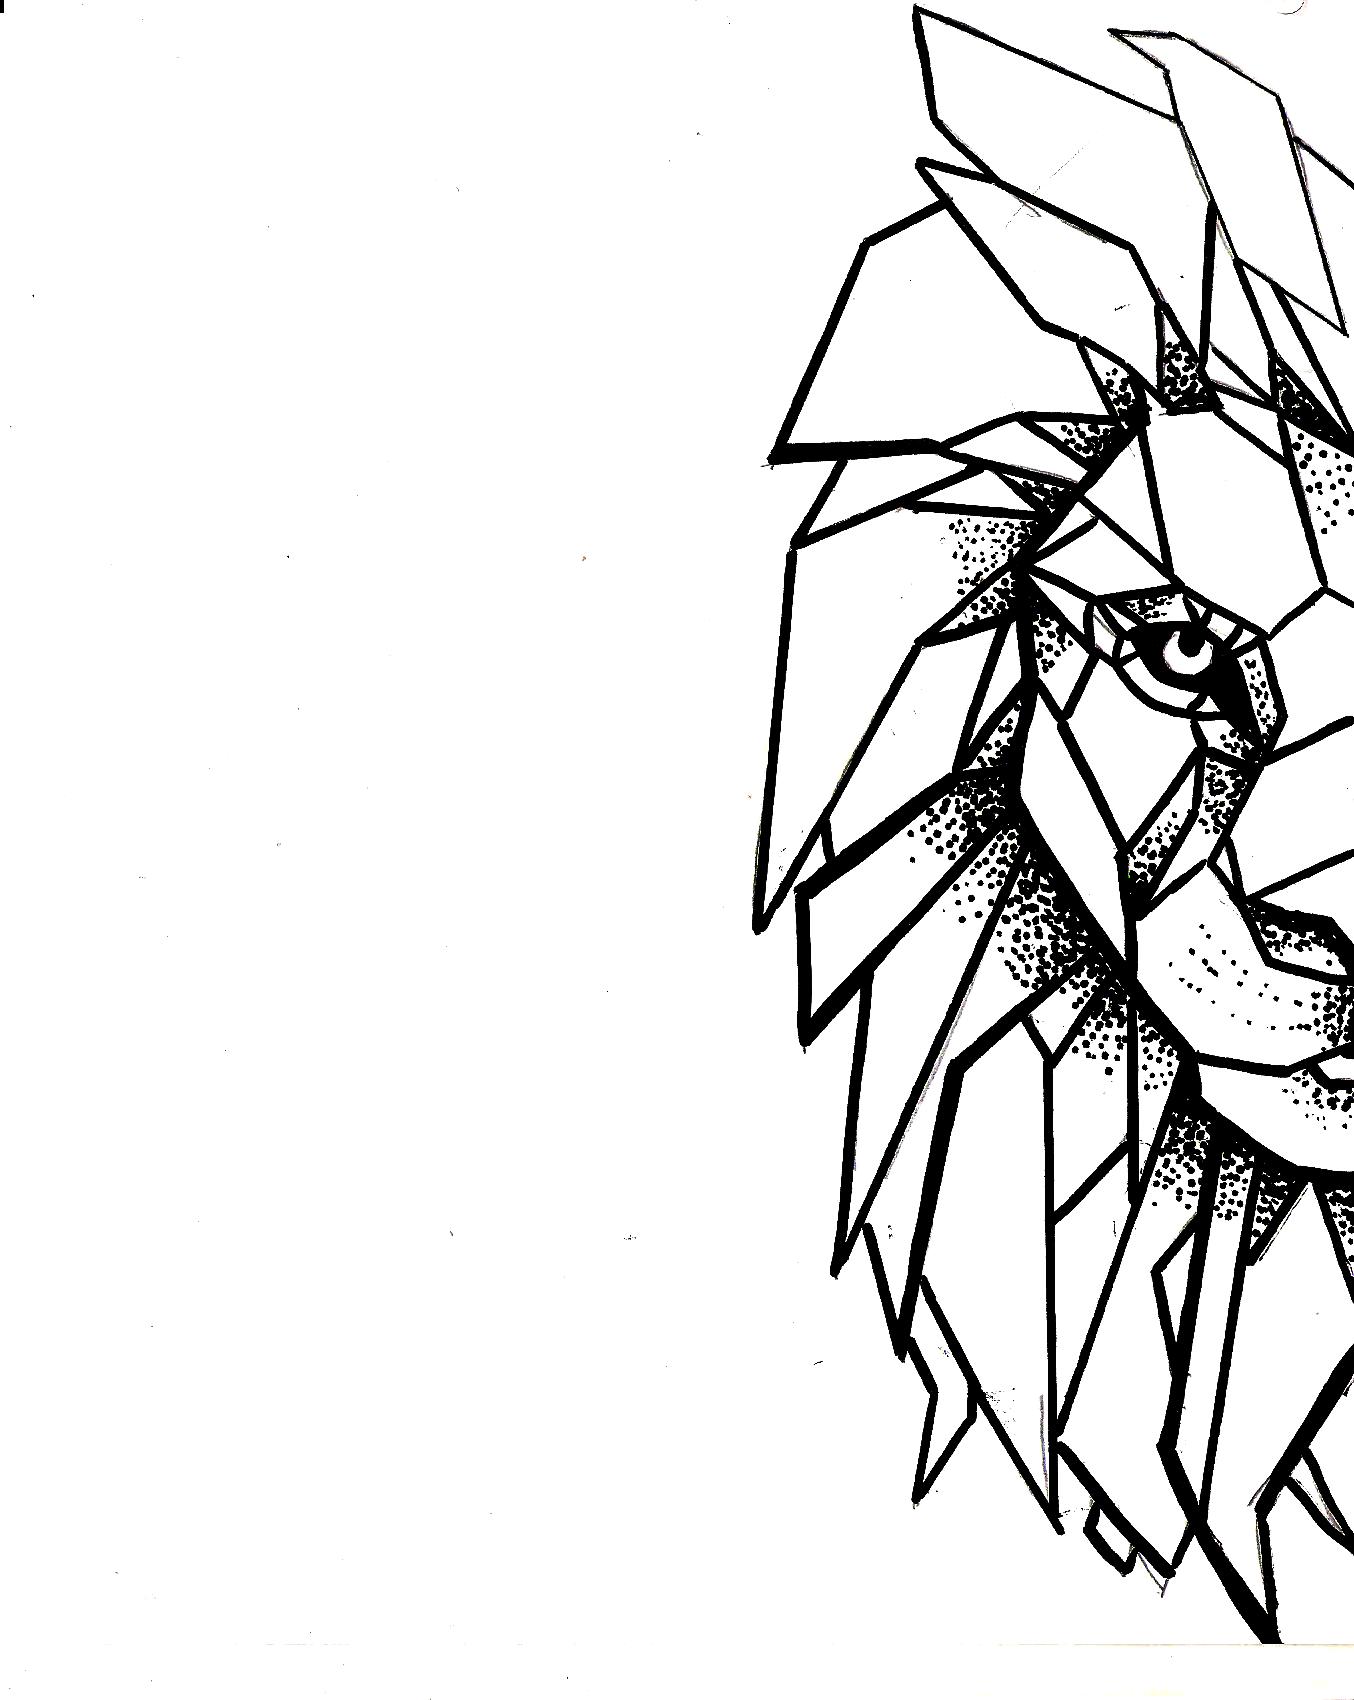 No Soy De Ti Ni De Nadie Lion Leon Geometric Geometrico Dibujo Pen Draw Idea Savage King Selva M Leao Geometrico Desenho Geometrico Leao Desenho